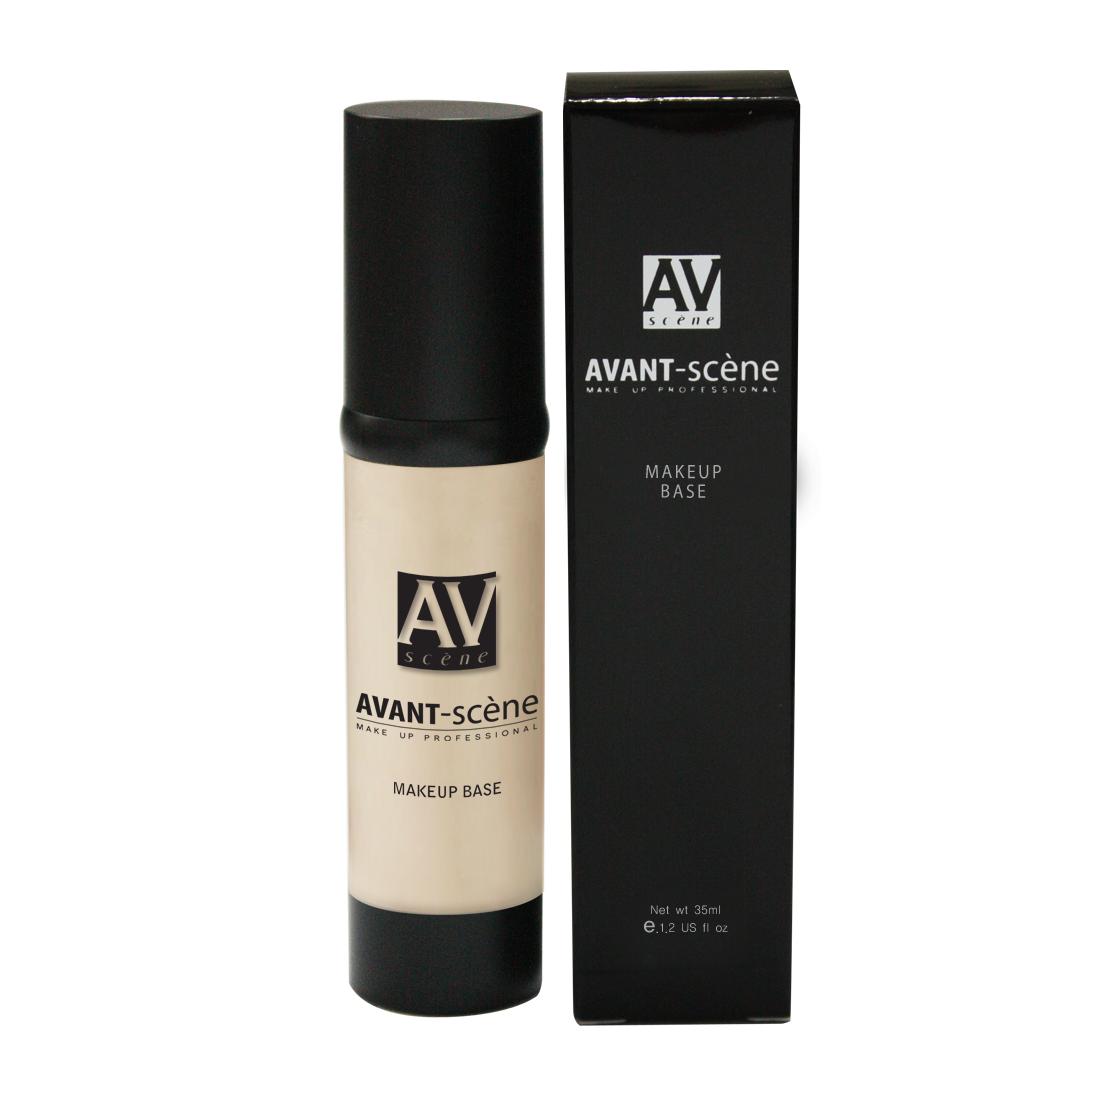 AVANT scene База под макияж, № 3 - телесно-бежевый / Make-up Base 35мл